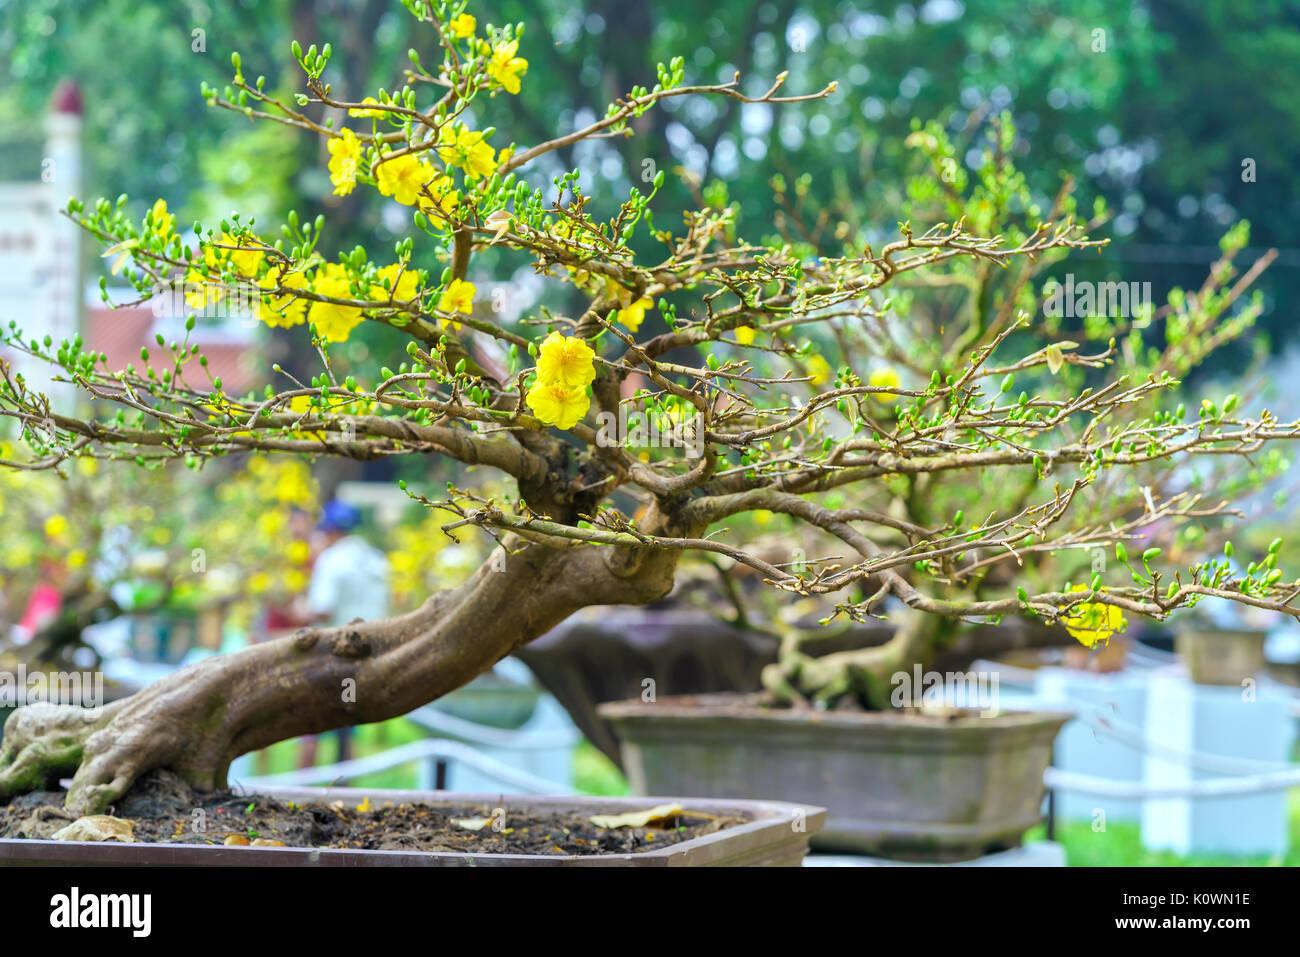 aprikose bonsai baum bl hen im fr hling mit gelb bl hende zweige geschwungene schaffen. Black Bedroom Furniture Sets. Home Design Ideas